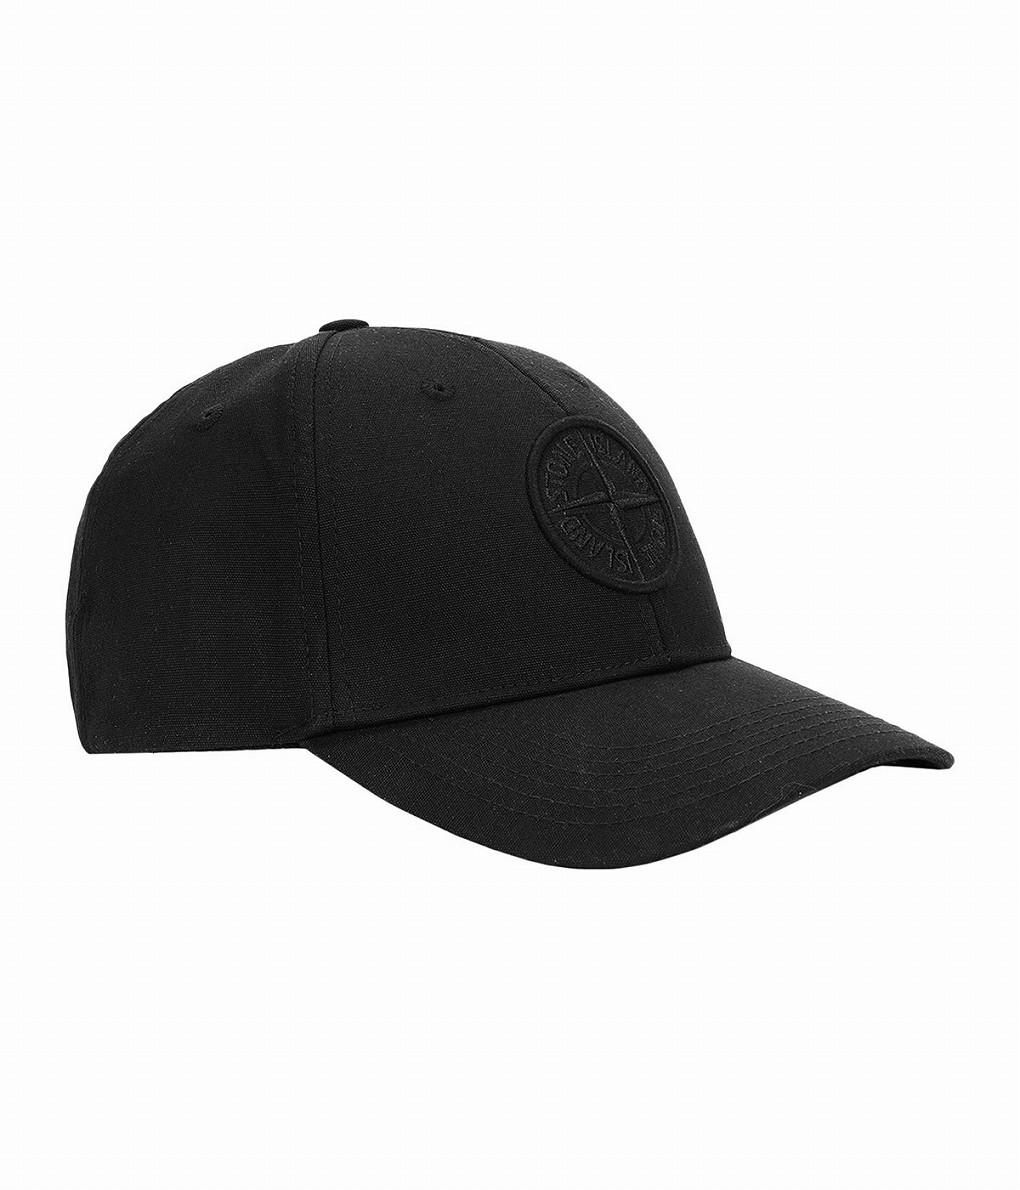 STONE ISLAND / ストーンアイランド : COTTON REP CAP : コットン キャップ ロゴキャップ : 701599168 【MUS】